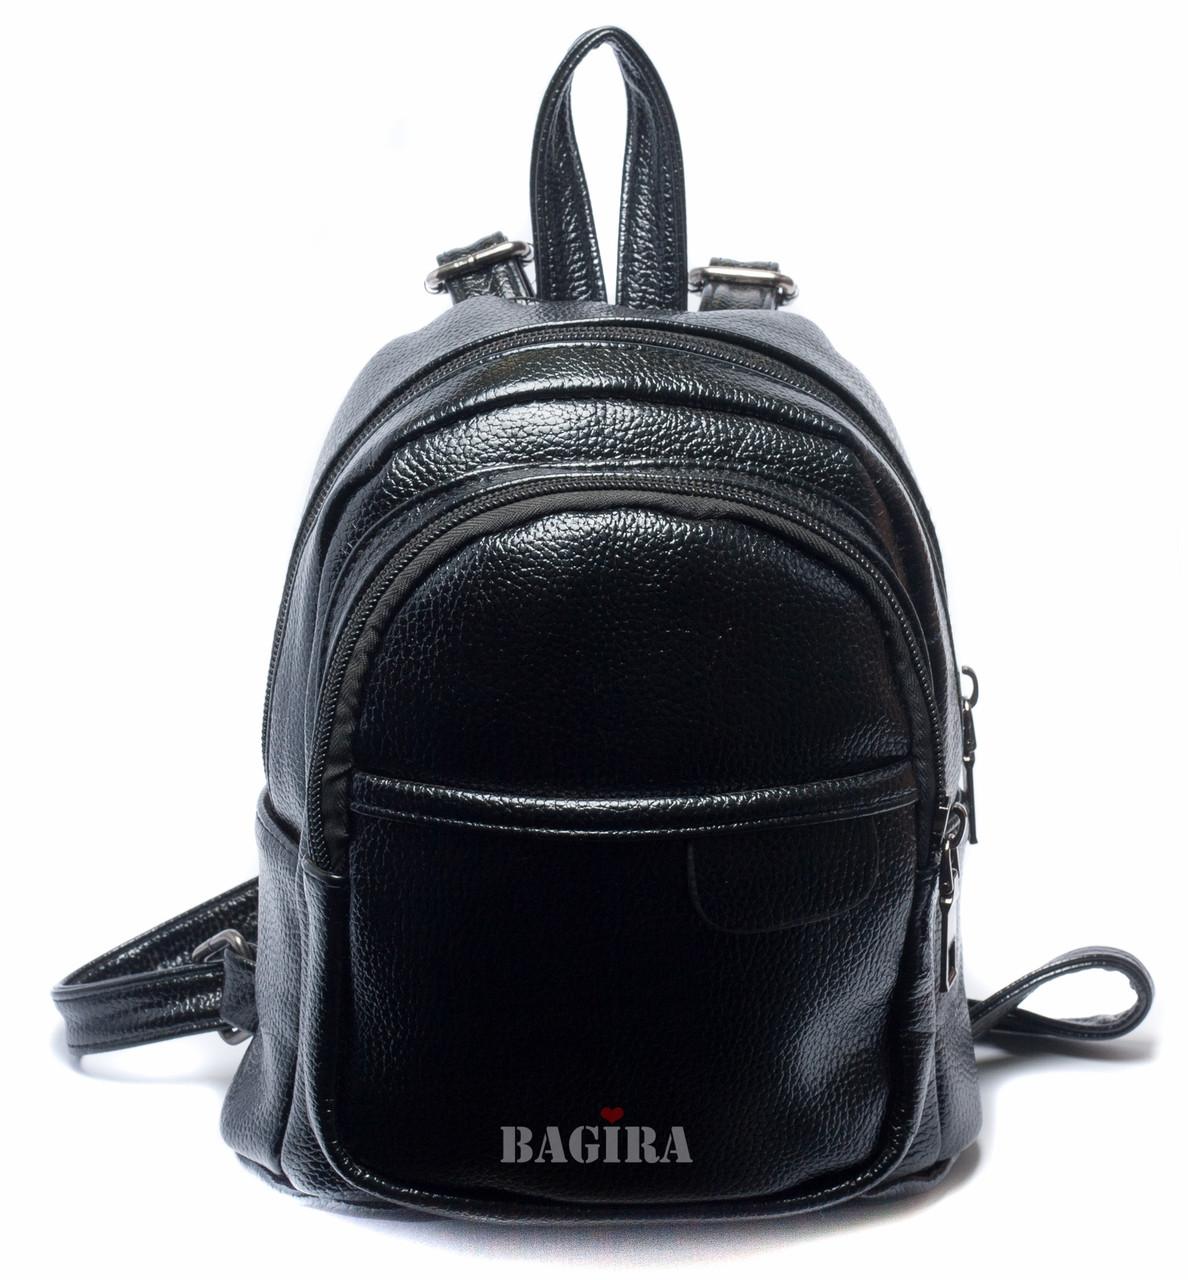 c65dd2fc7f64 Женский маленький рюкзак из глянцевого кожзаменителя  (Черный/Голубой/Зеленый) - Интернет-